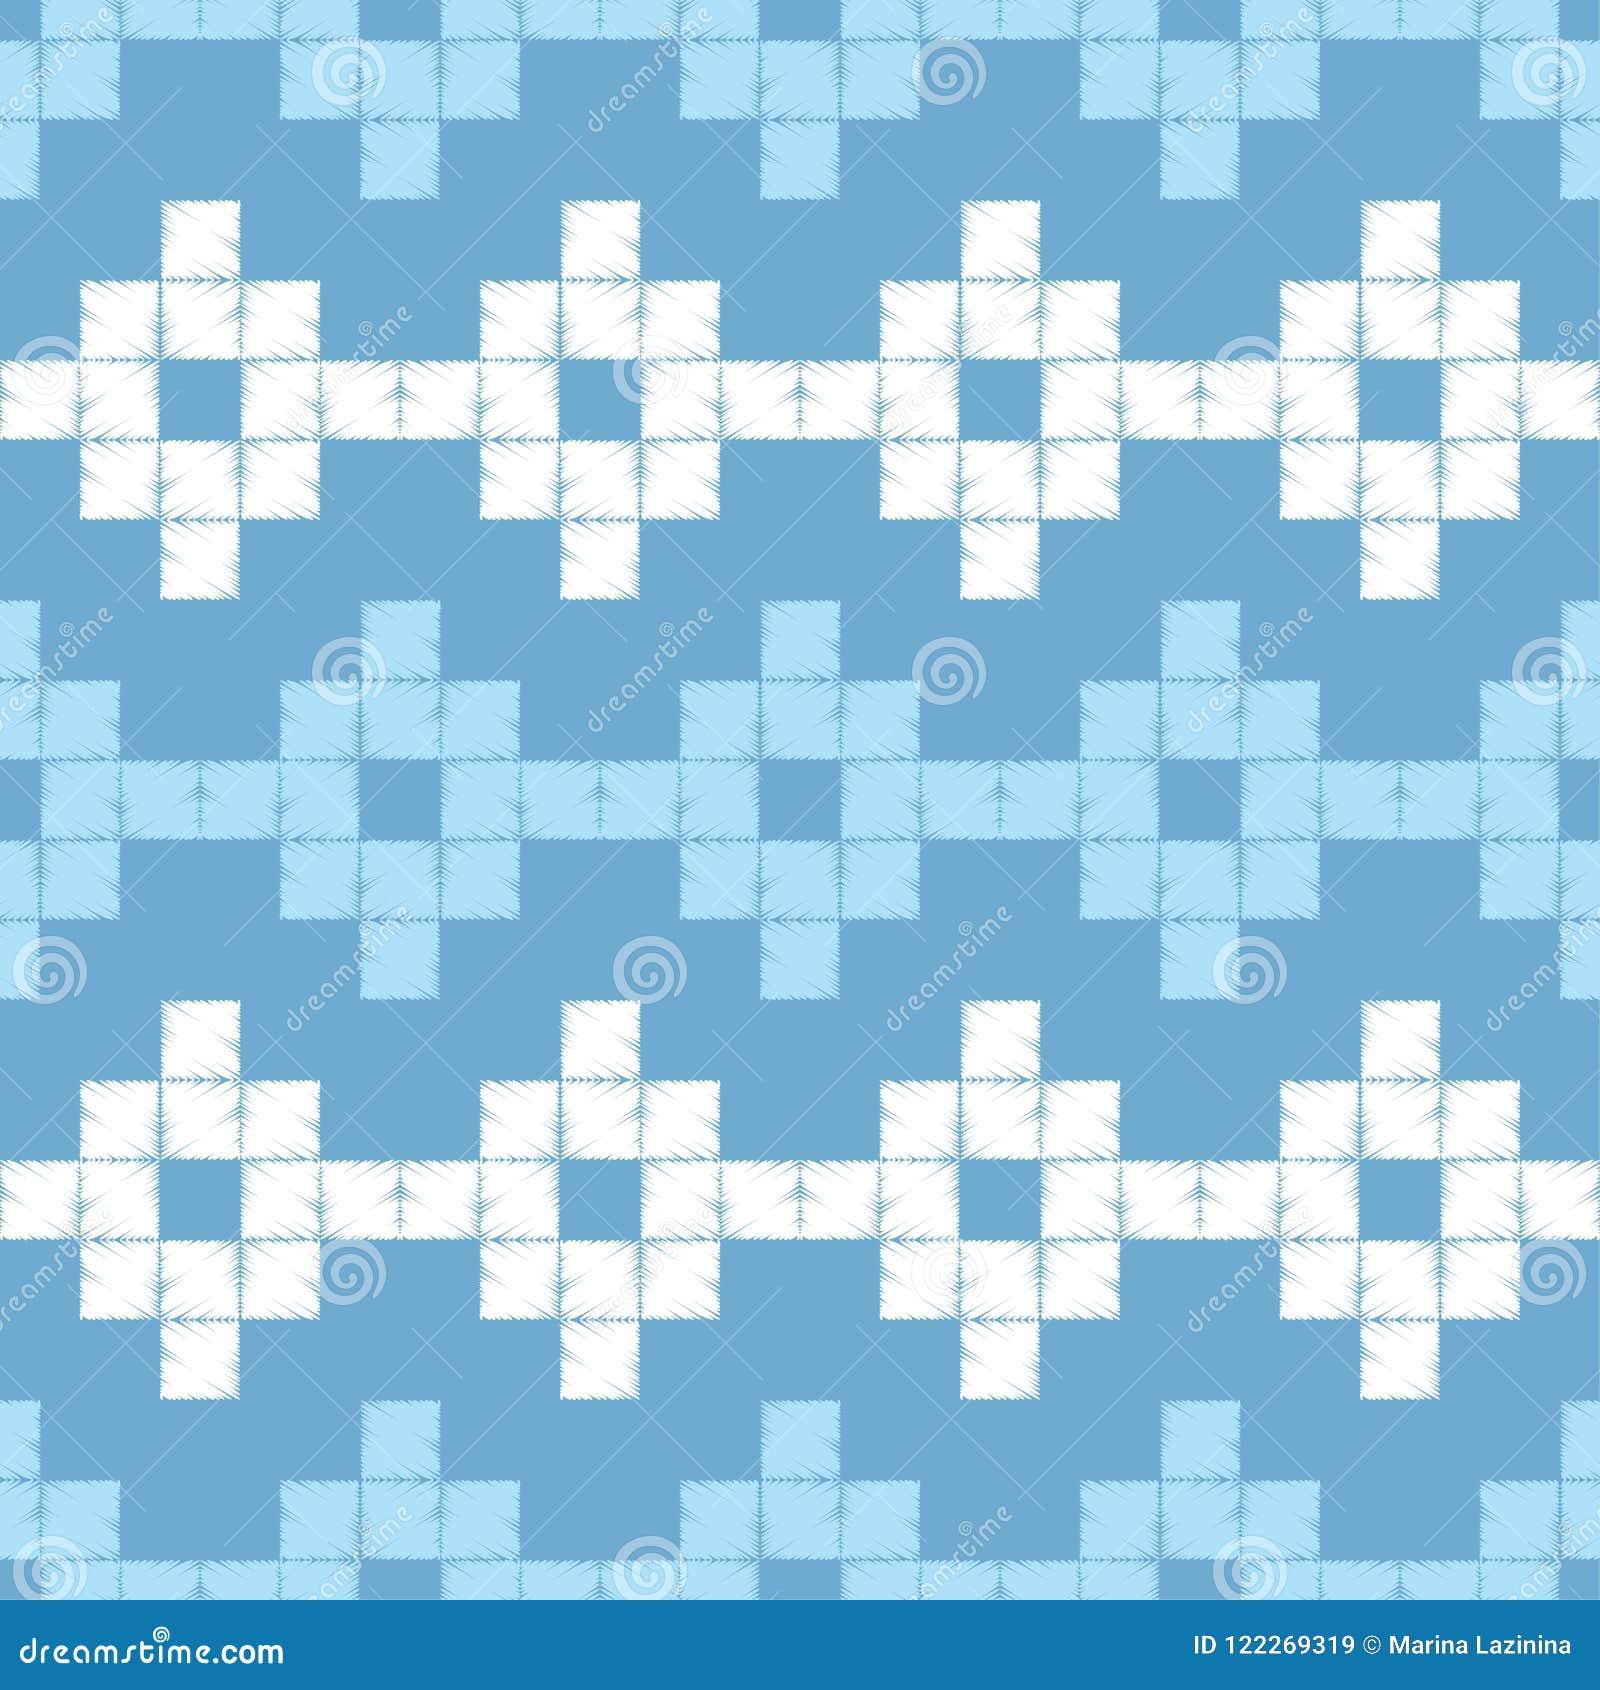 Modelo geométrico abstracto inconsútil El modelo de pixeles Textura de mosaico brushwork Trama de la mano Textura del garabato